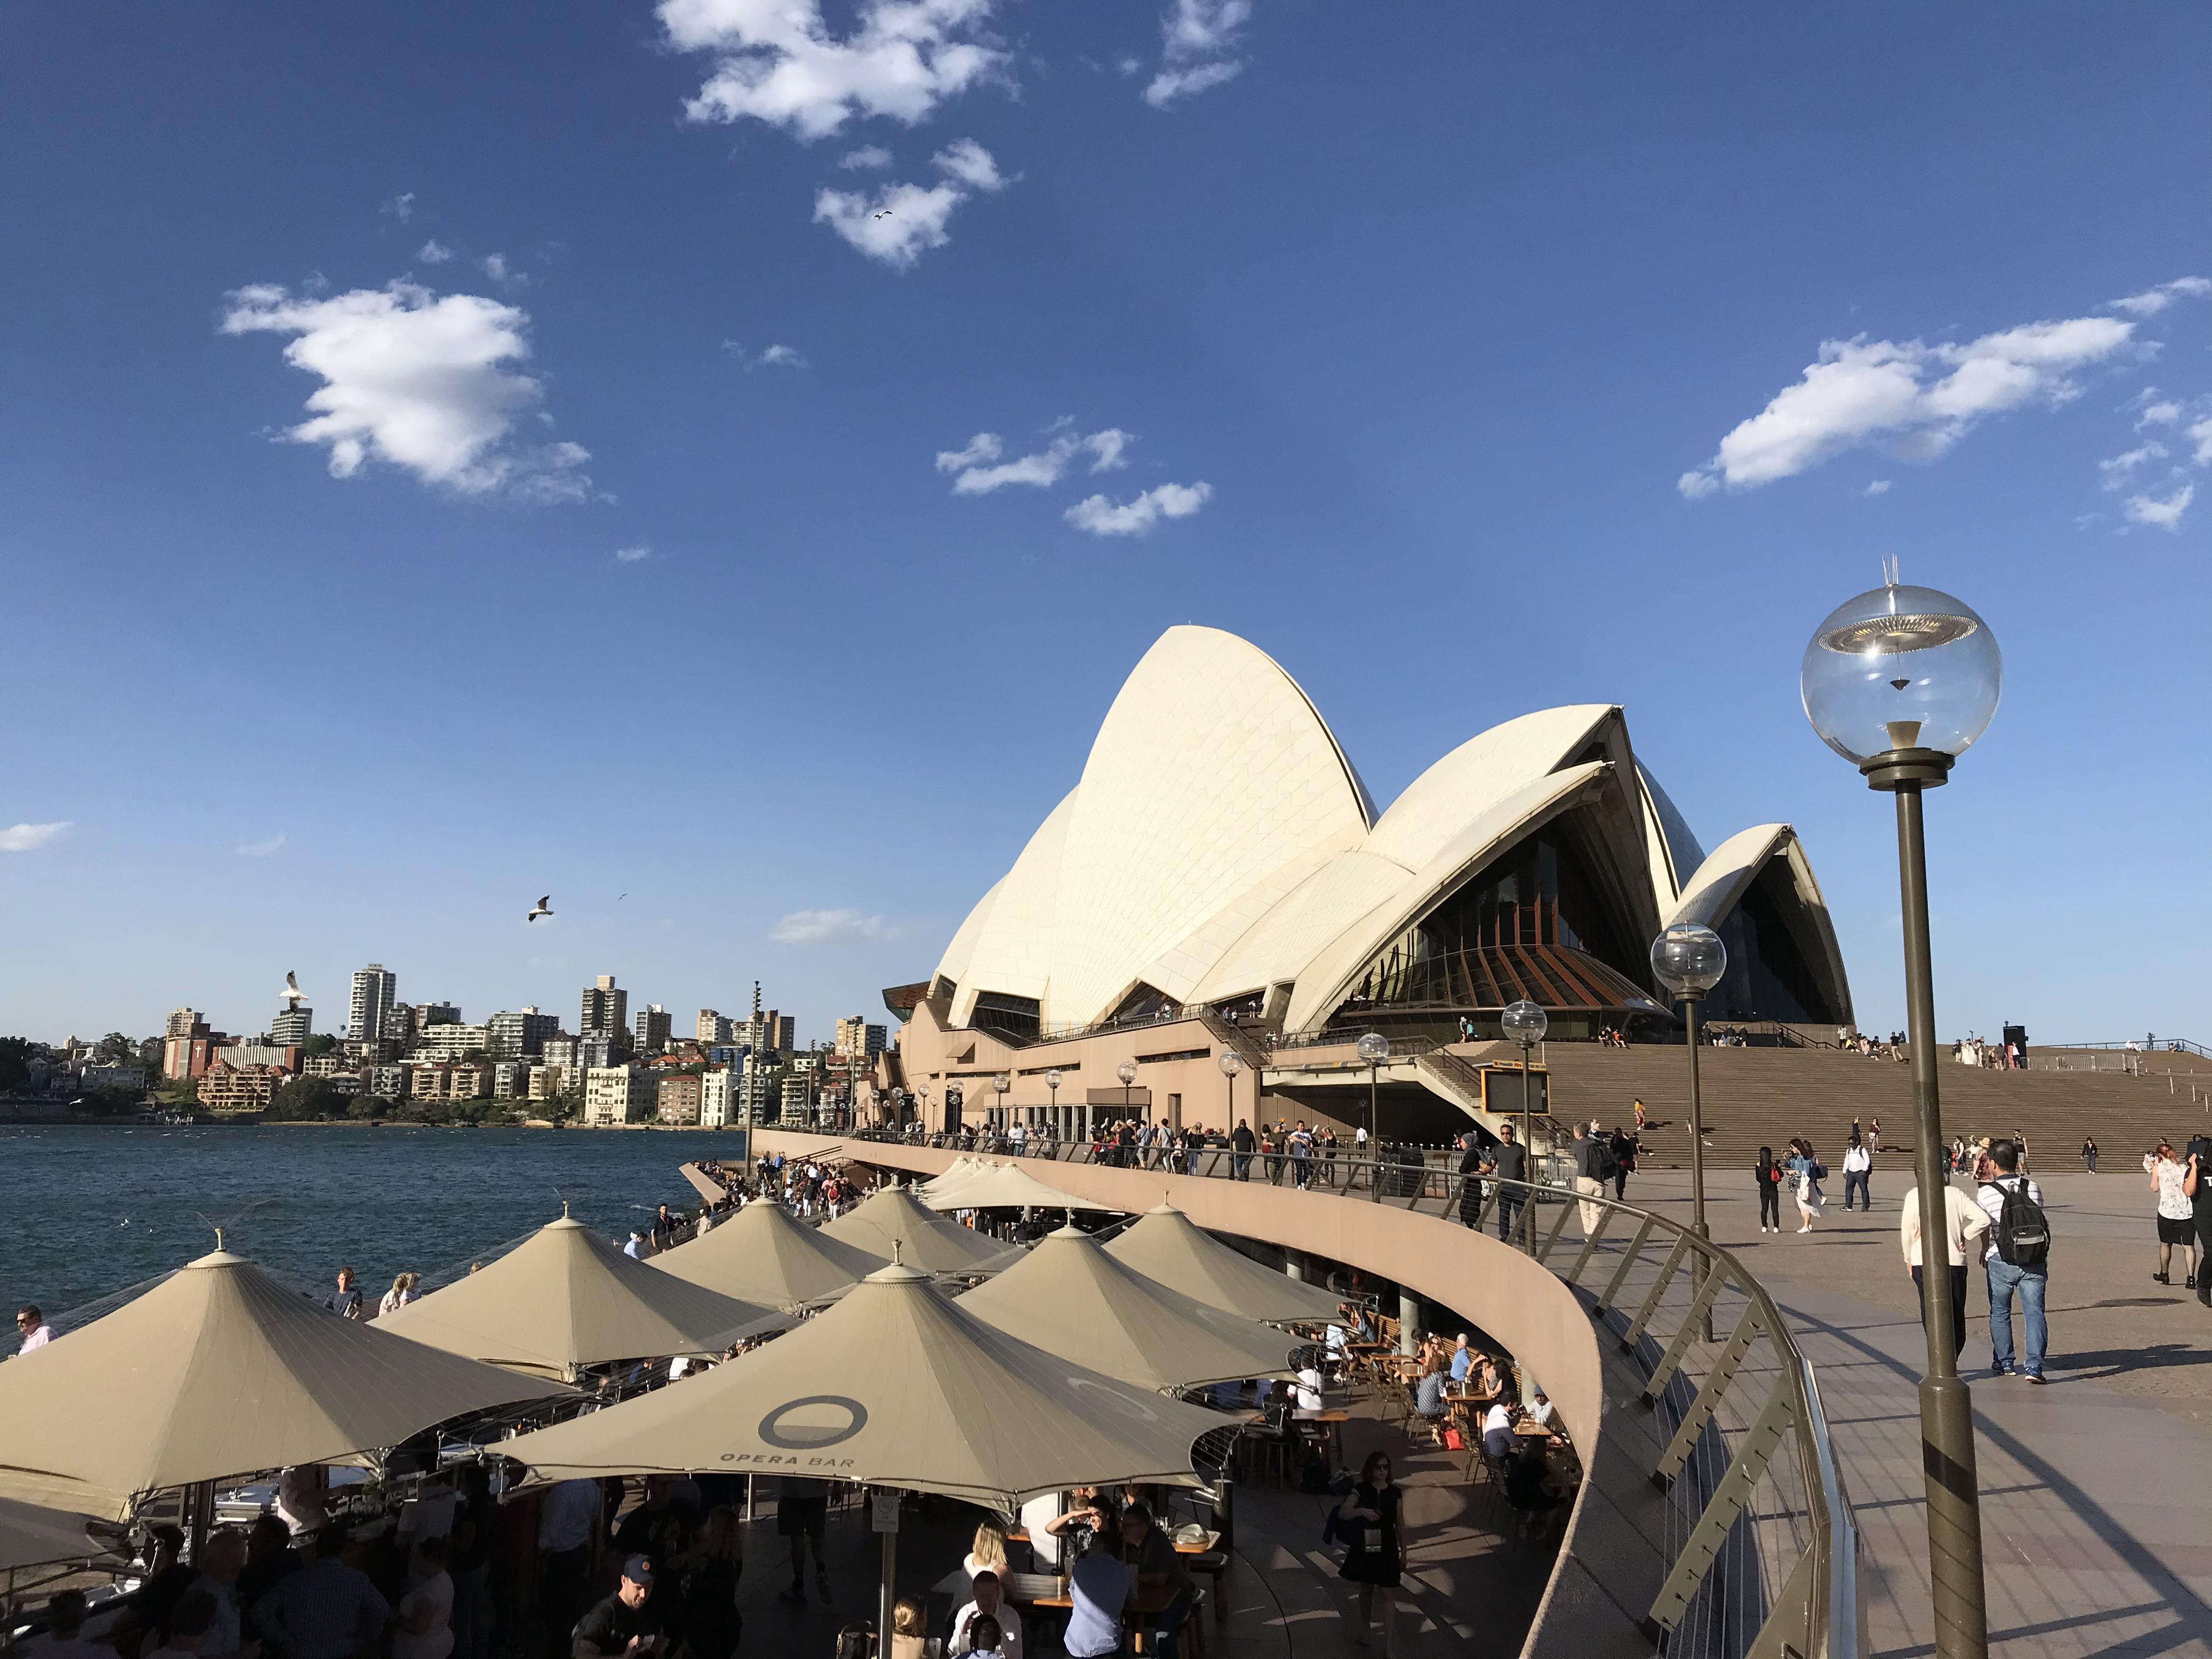 2020年考研人数将达300W!竞争如此激烈,去澳洲读研可好?